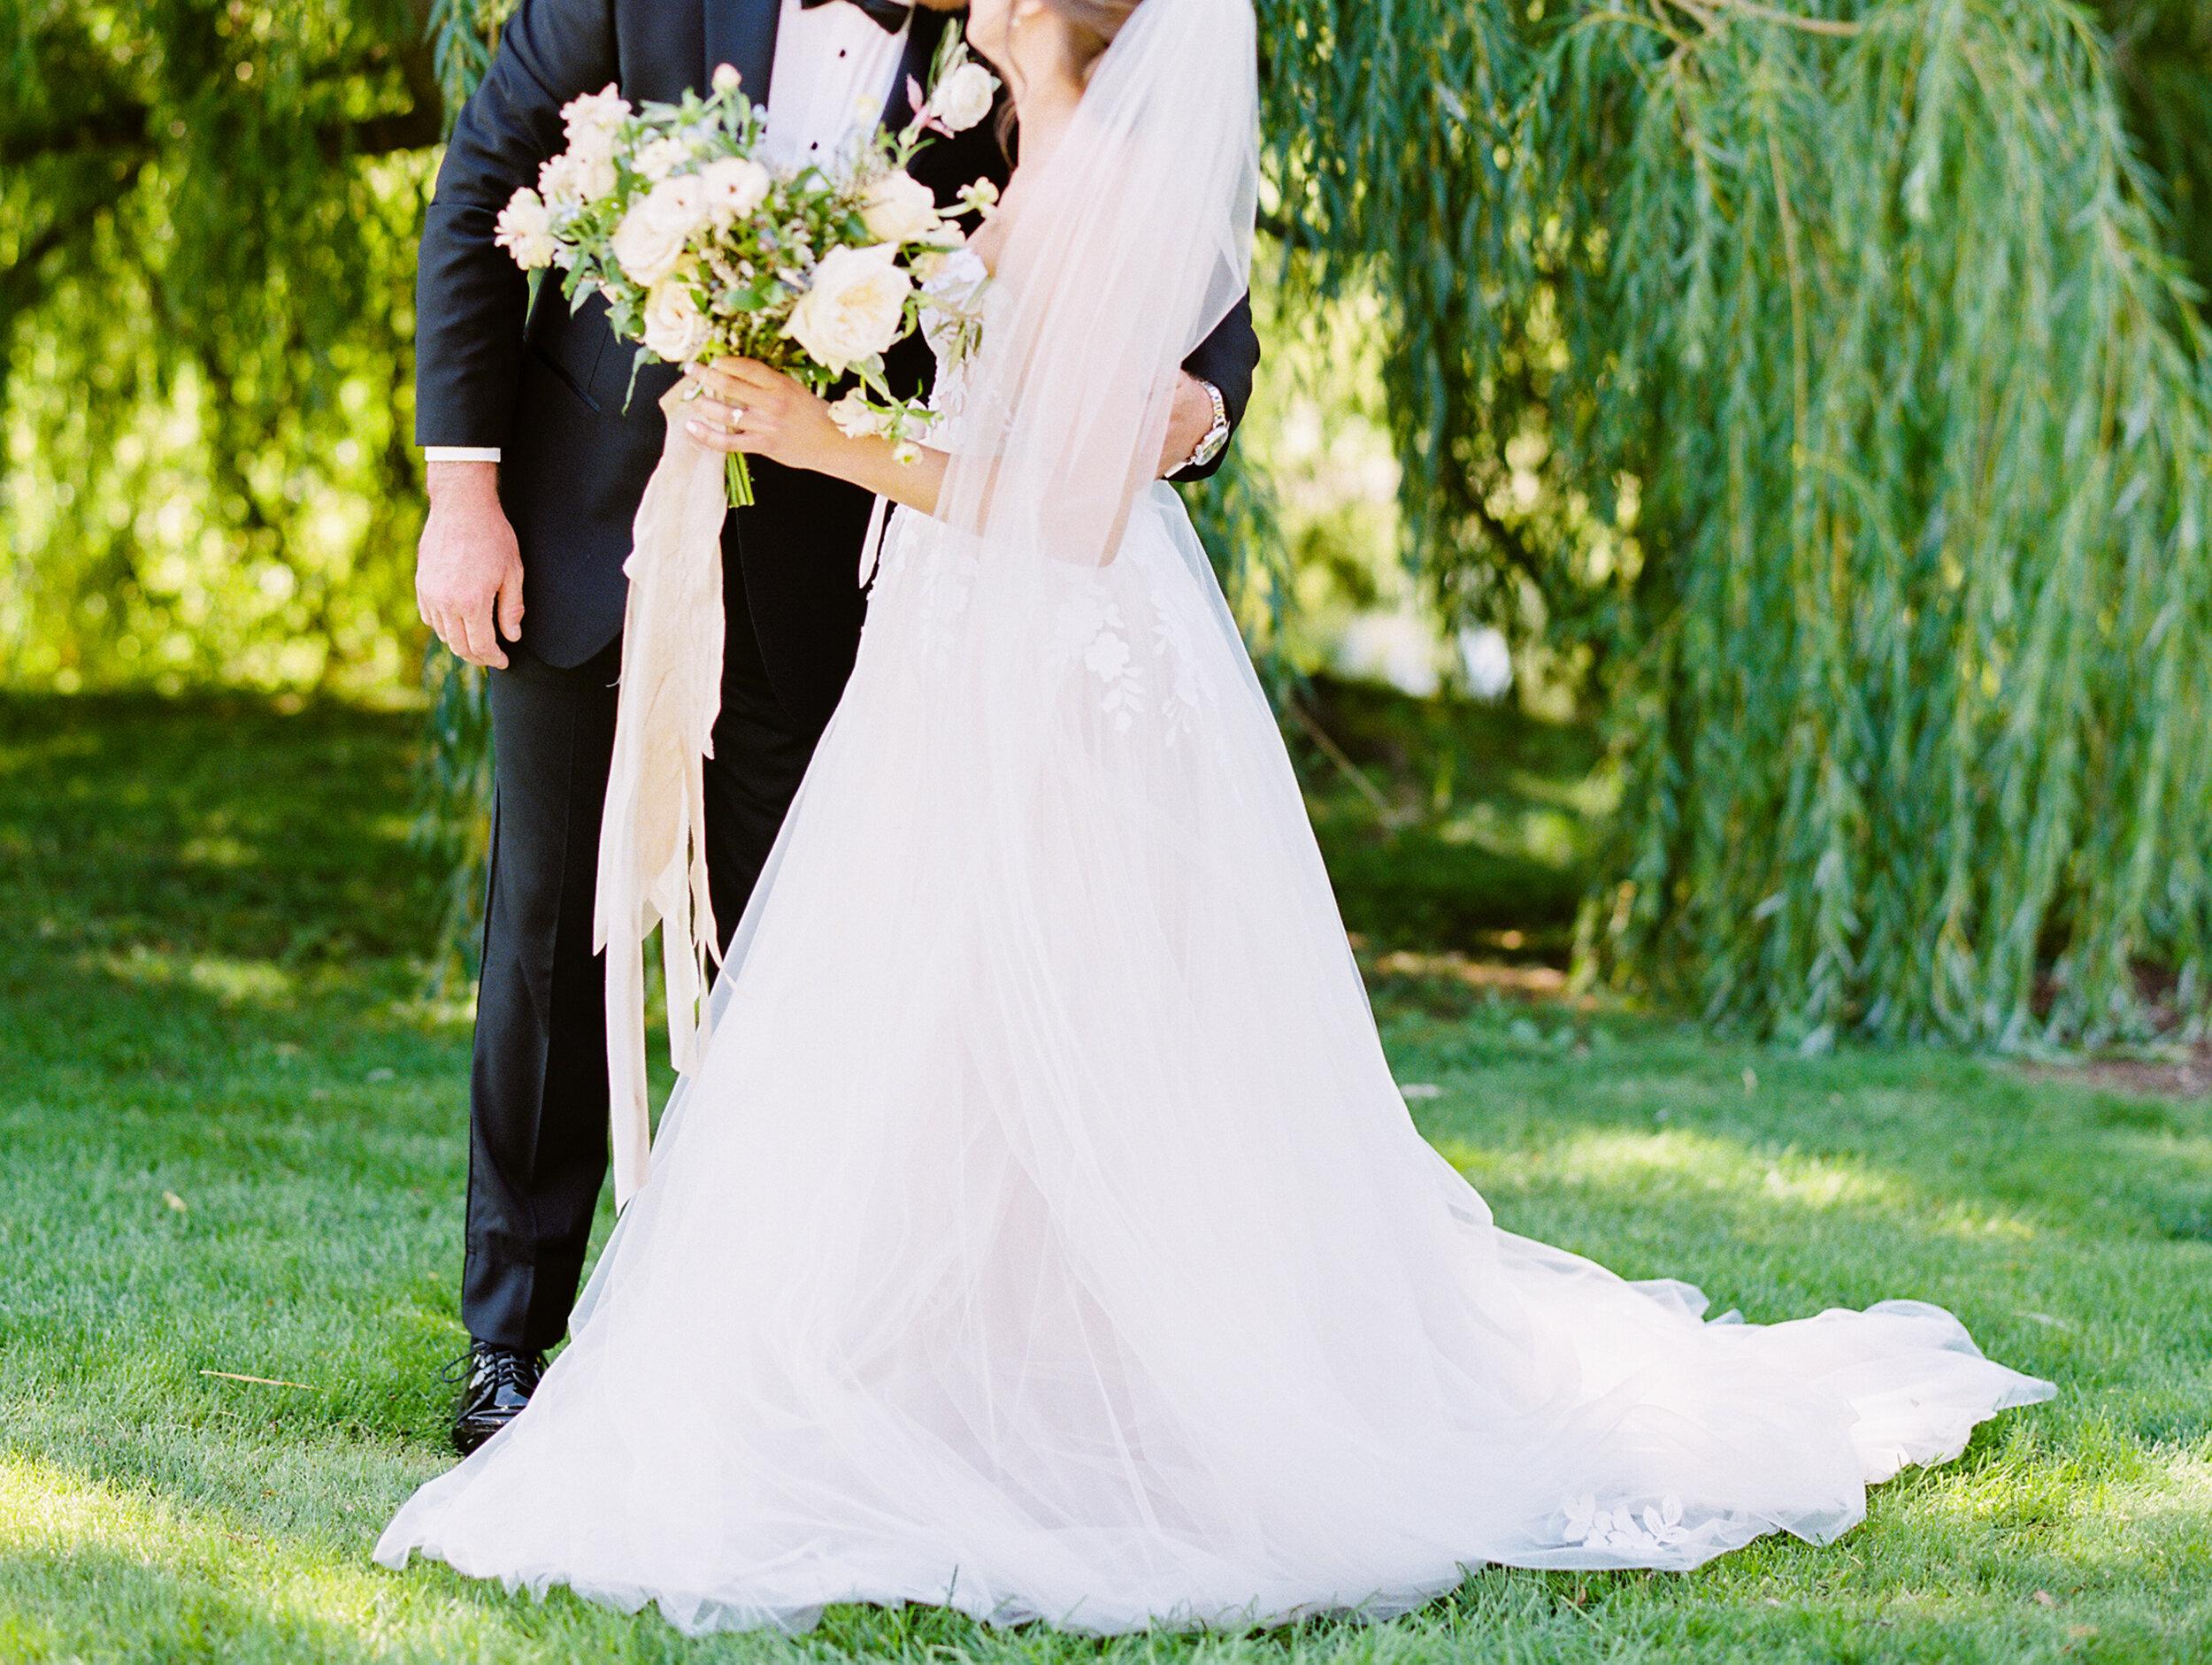 Steinlage+Wedding+First+Look-38.jpg